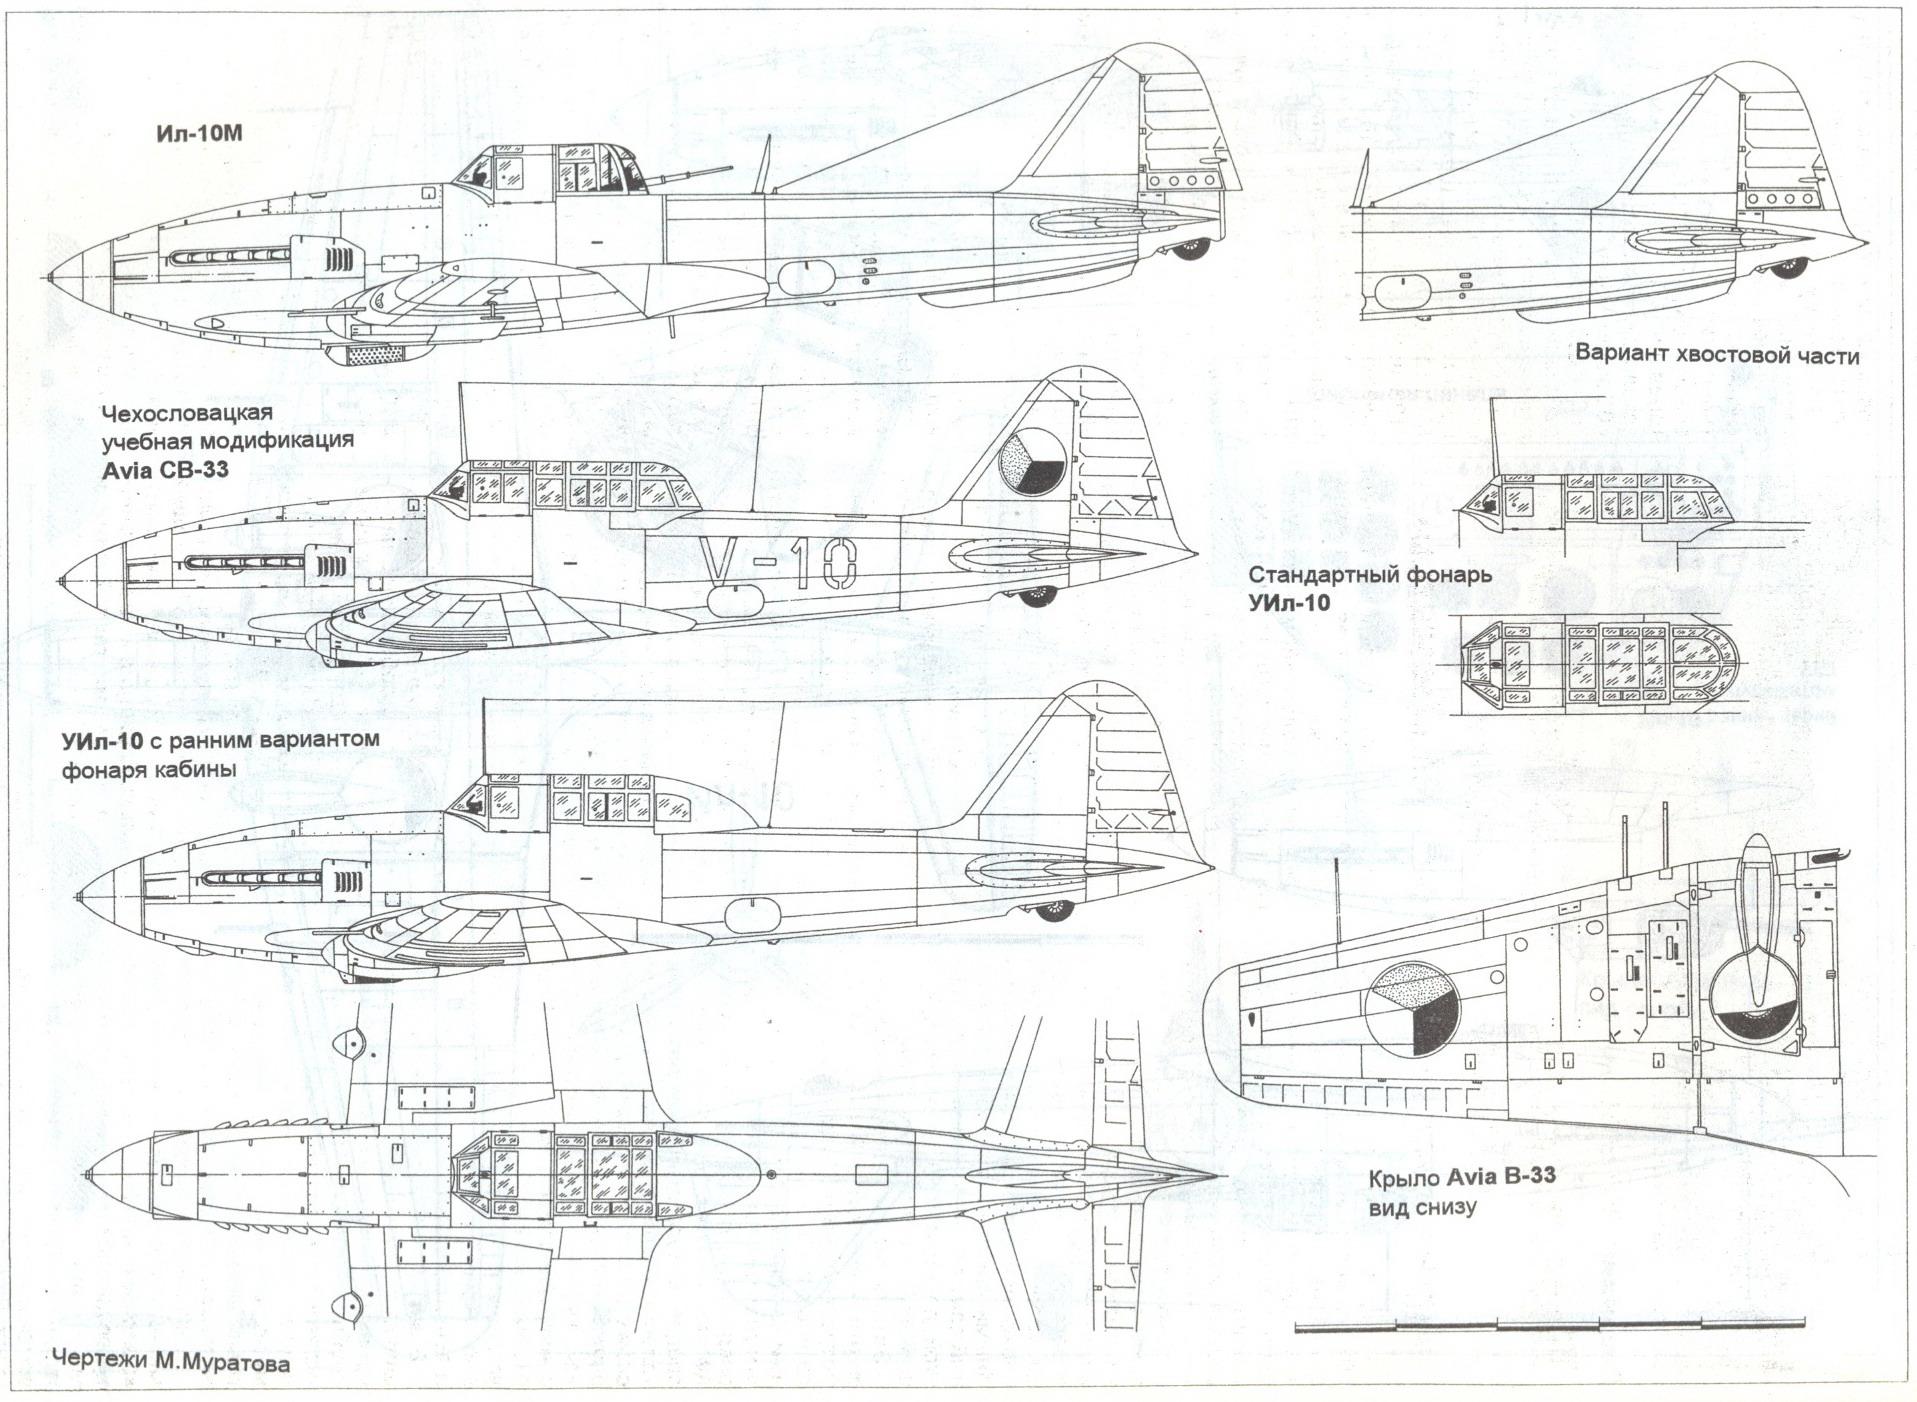 Ilyushin Il-10 blueprint